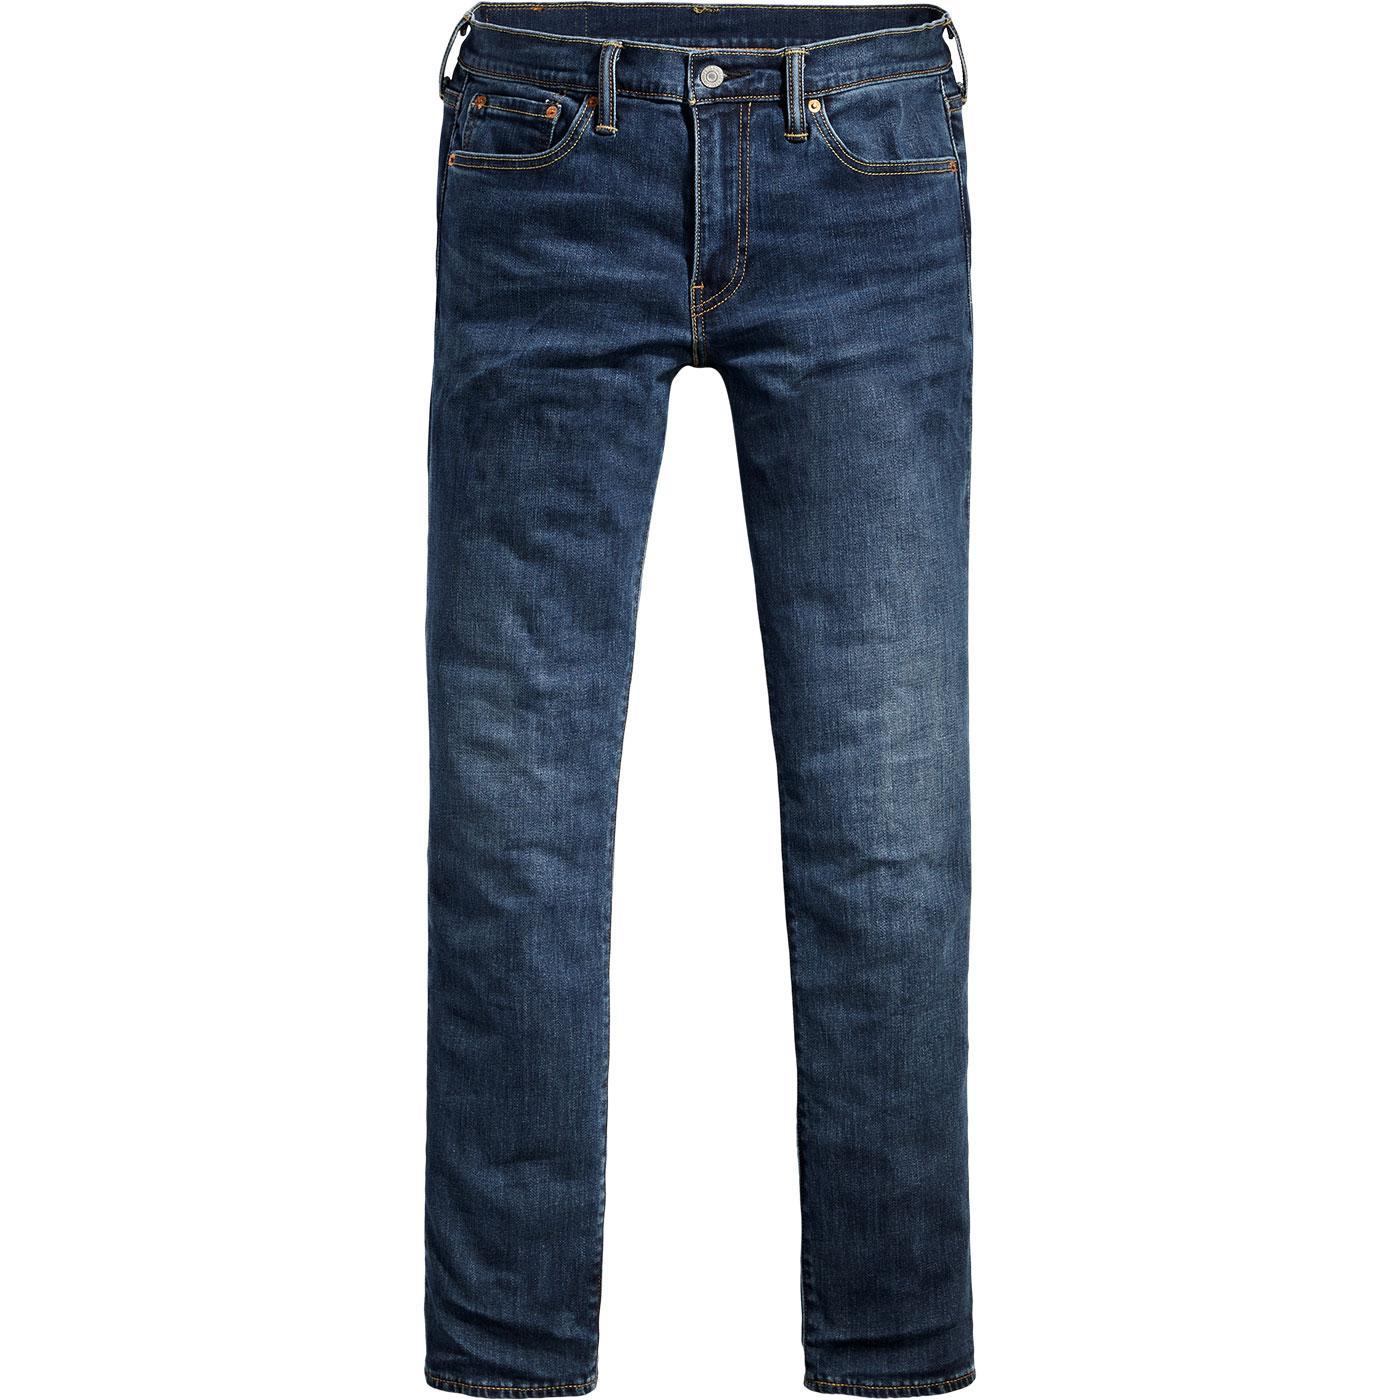 LEVI'S 511 Slim Stretch Jeans (Crocodile Adapt)